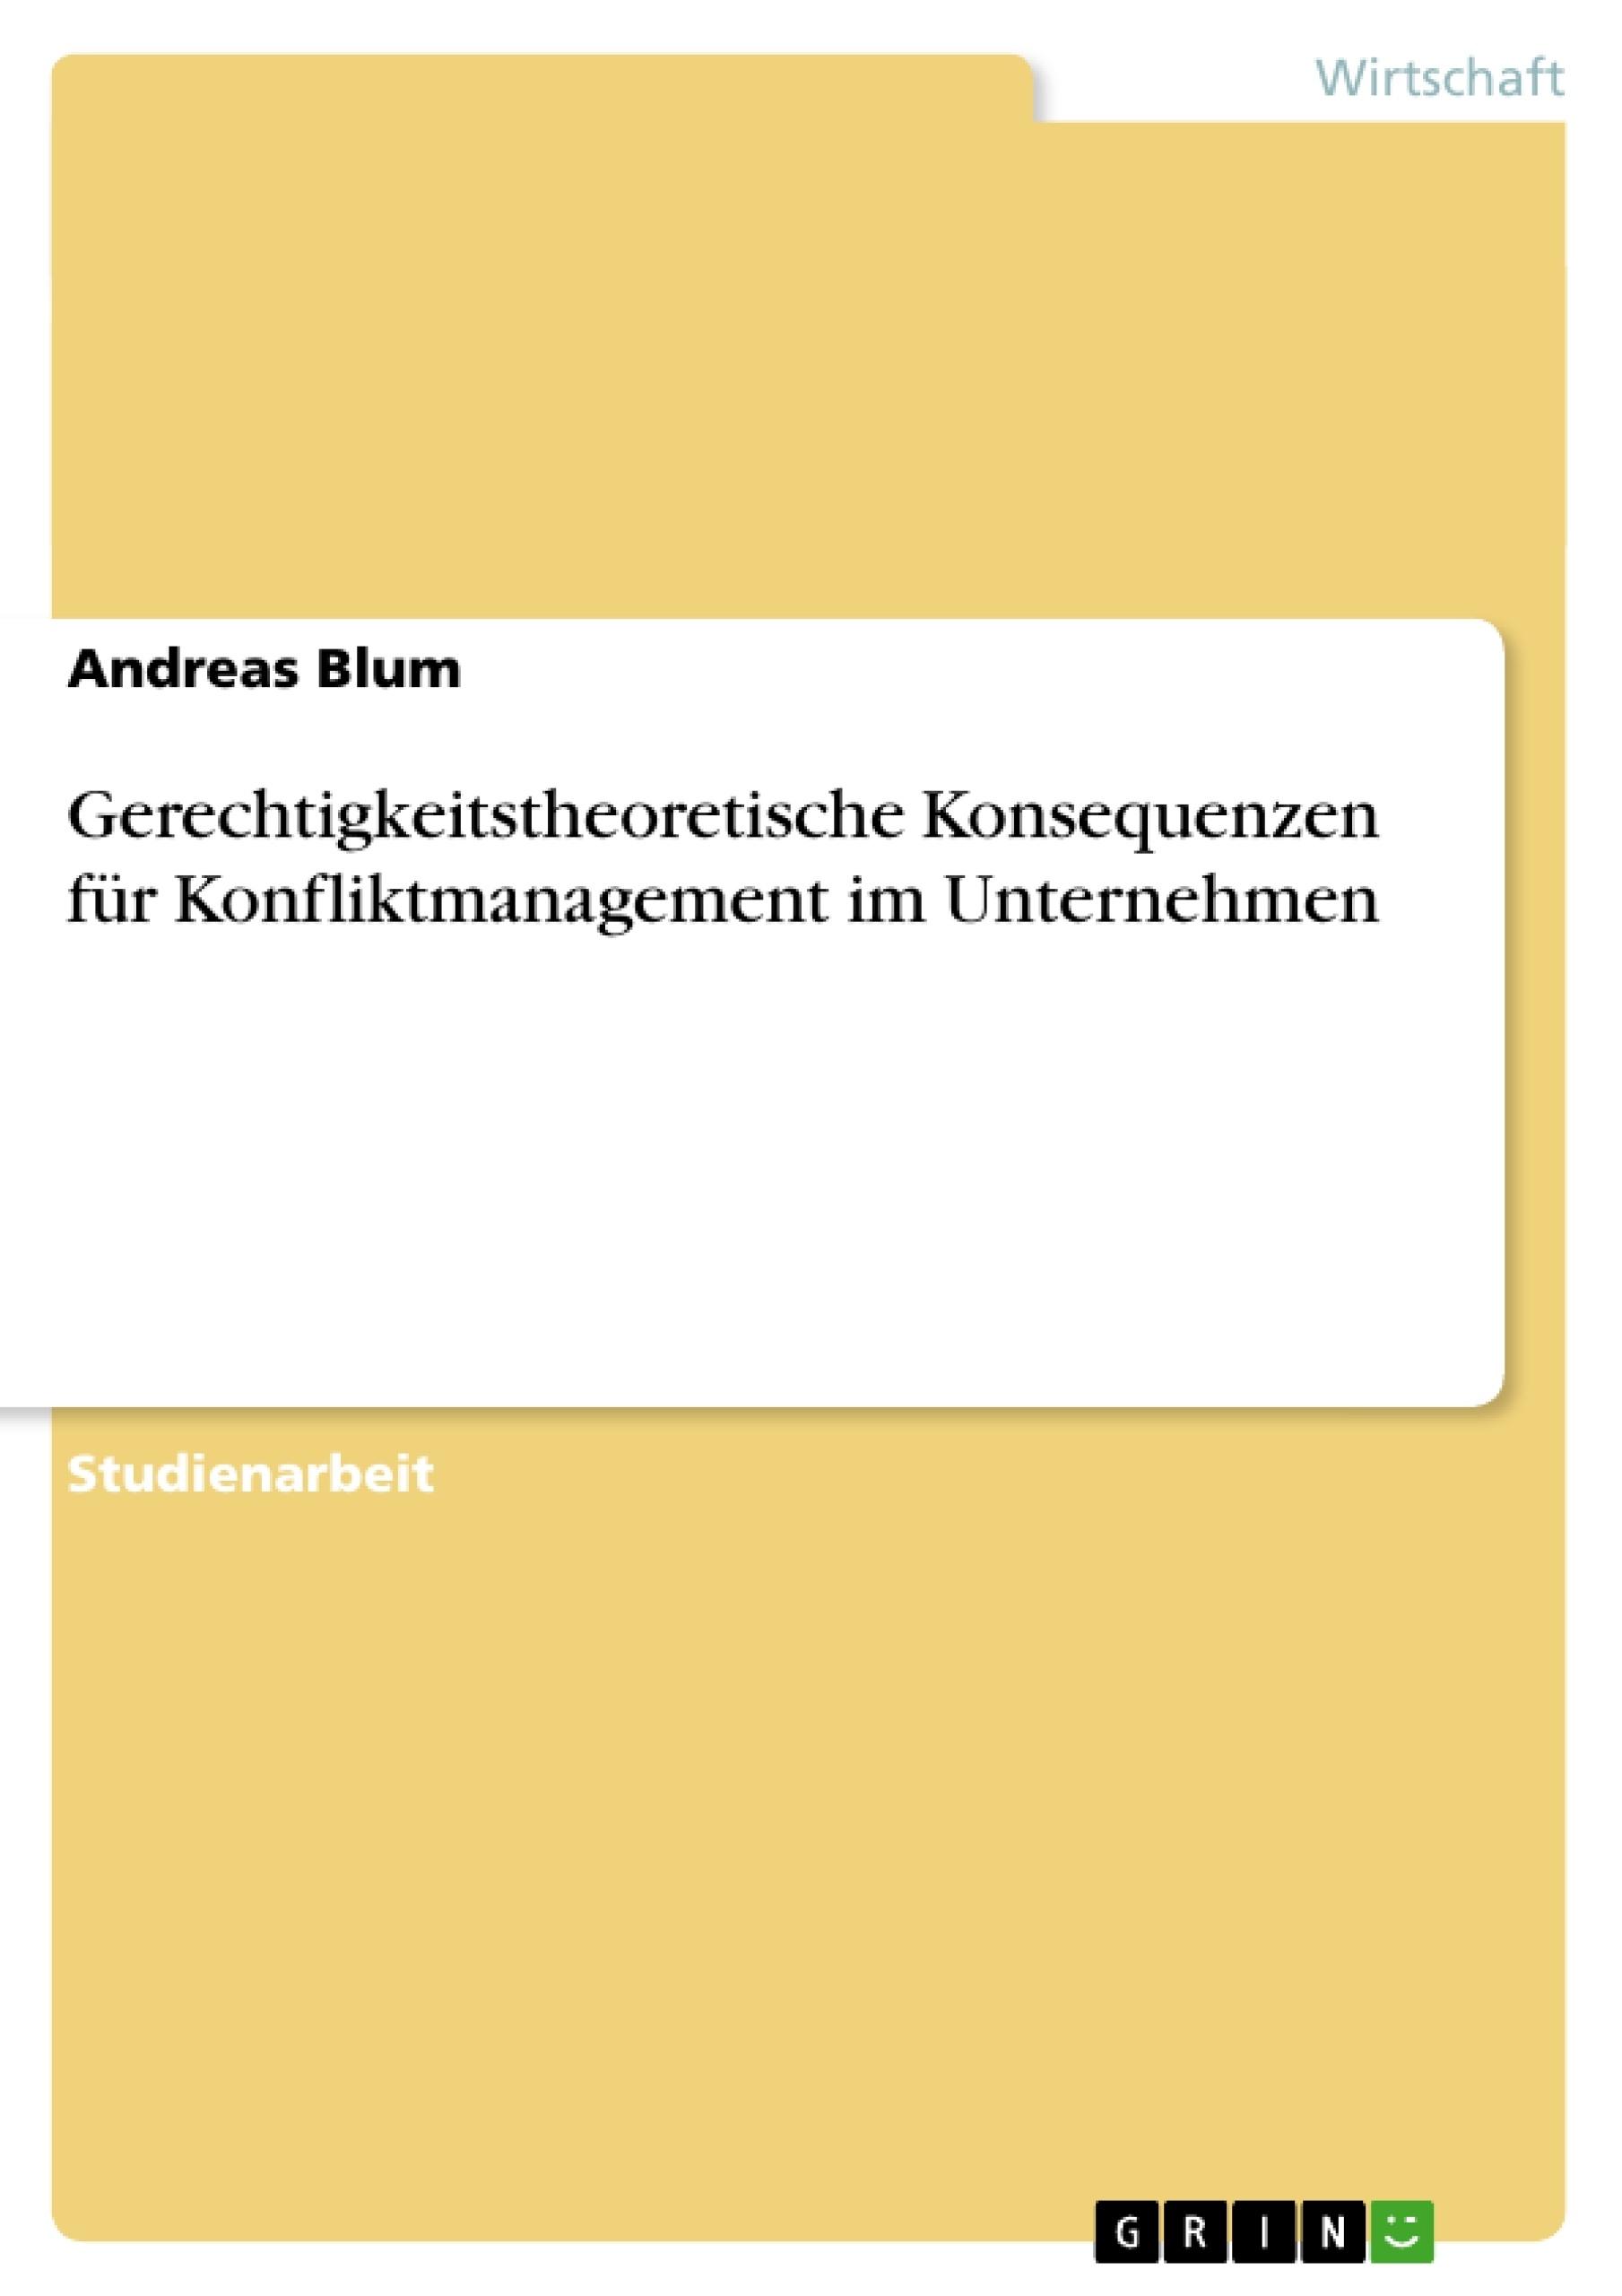 Titel: Gerechtigkeitstheoretische Konsequenzen für Konfliktmanagement im Unternehmen